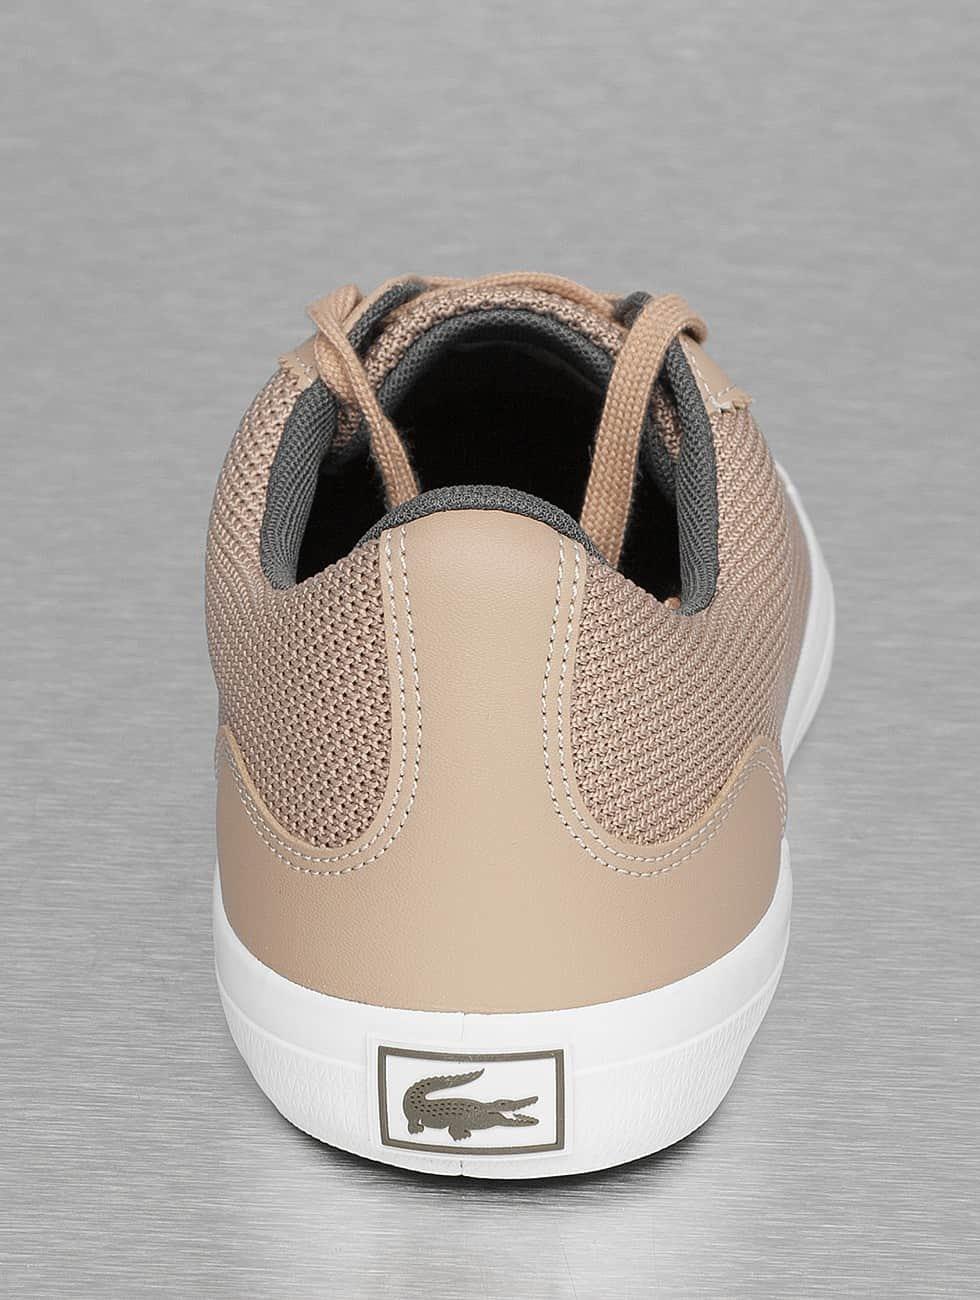 Lacoste schoen / sneaker Lerond 117 3 Cam in beige 303725 Gratis Verzending Authentieke Extreem Te Koop Goedkope Koop Goedkope Korting Goede Verkoop Goedkope Koop Exclusieve UhbgegoHZ3